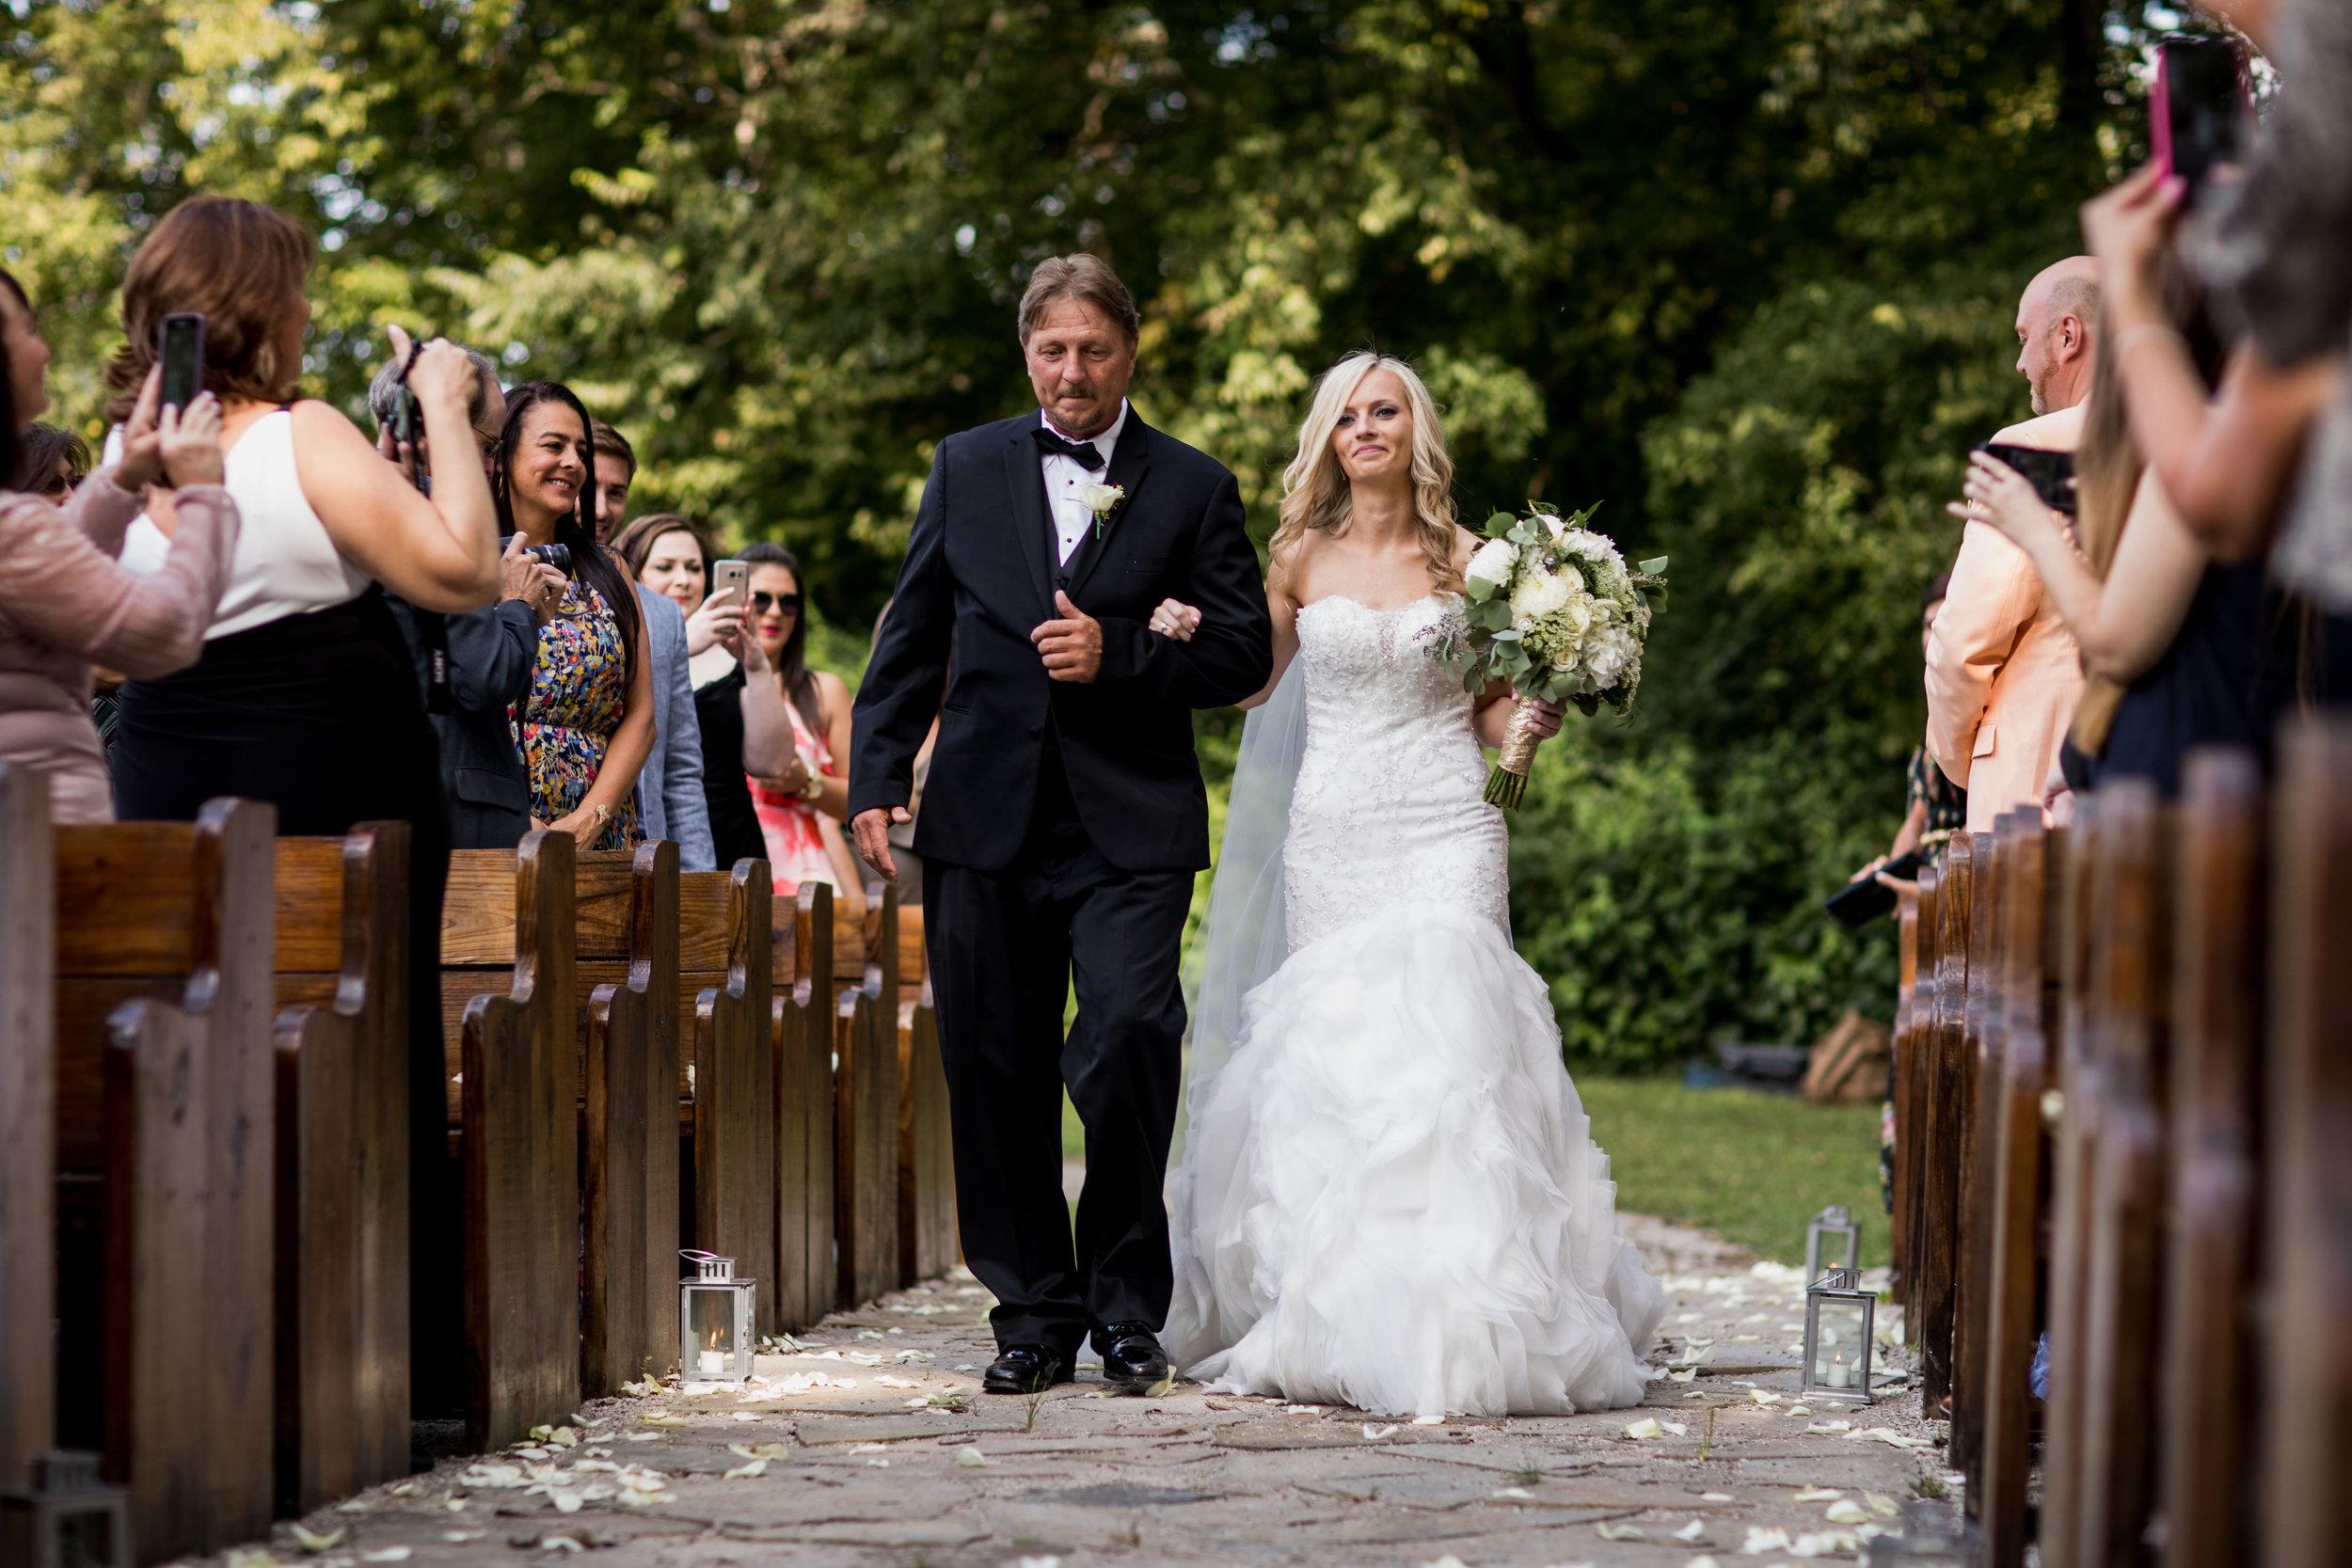 Meadow-Hill-Farm-Wedding 18.jpg